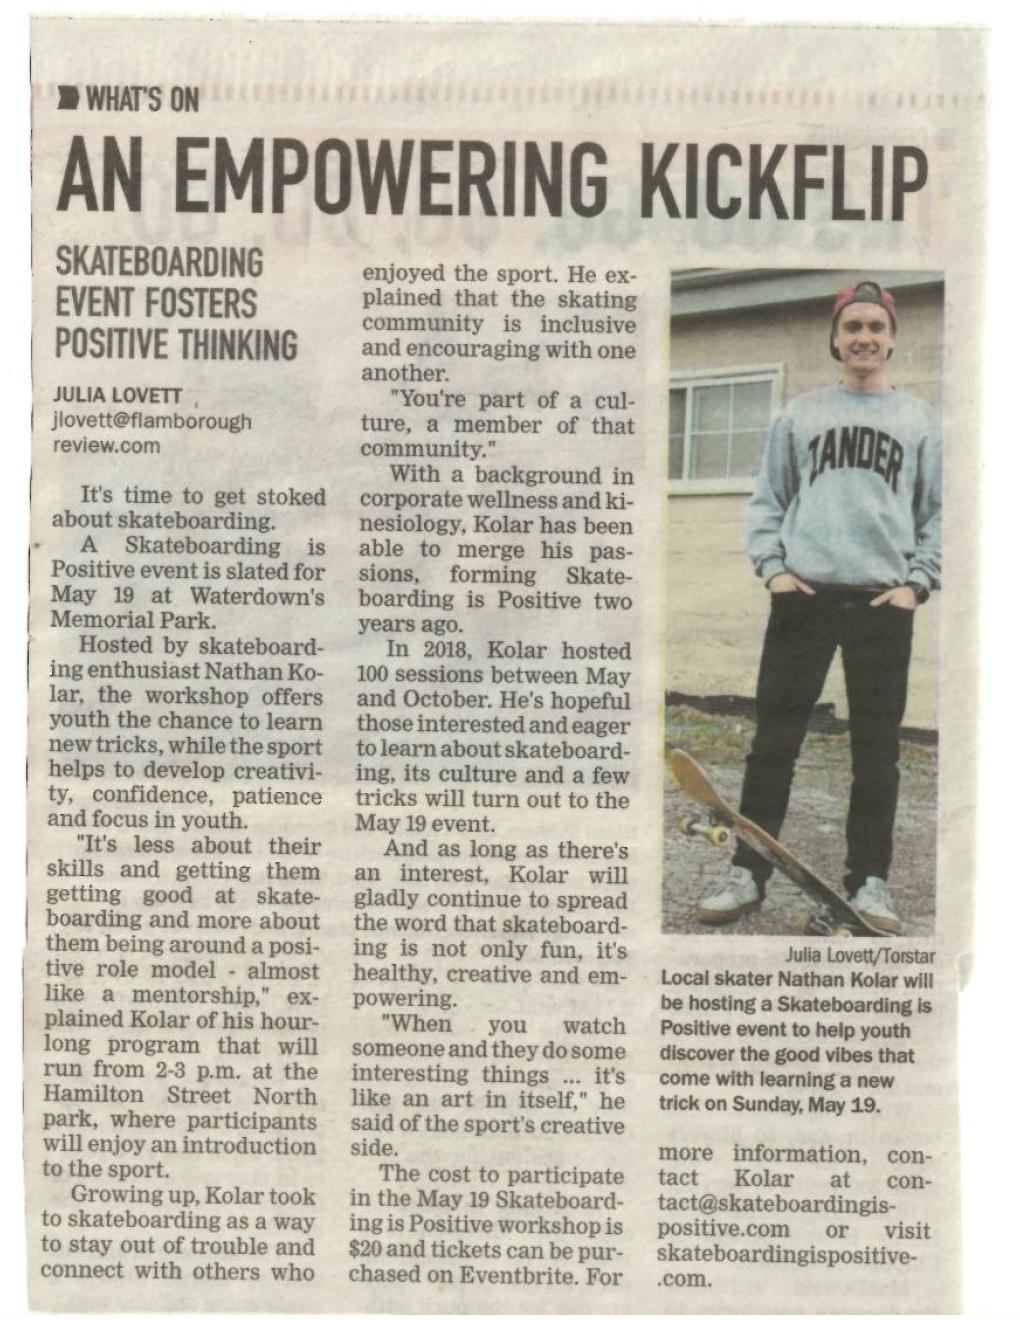 SIP in the newspaper, Flamborough Review